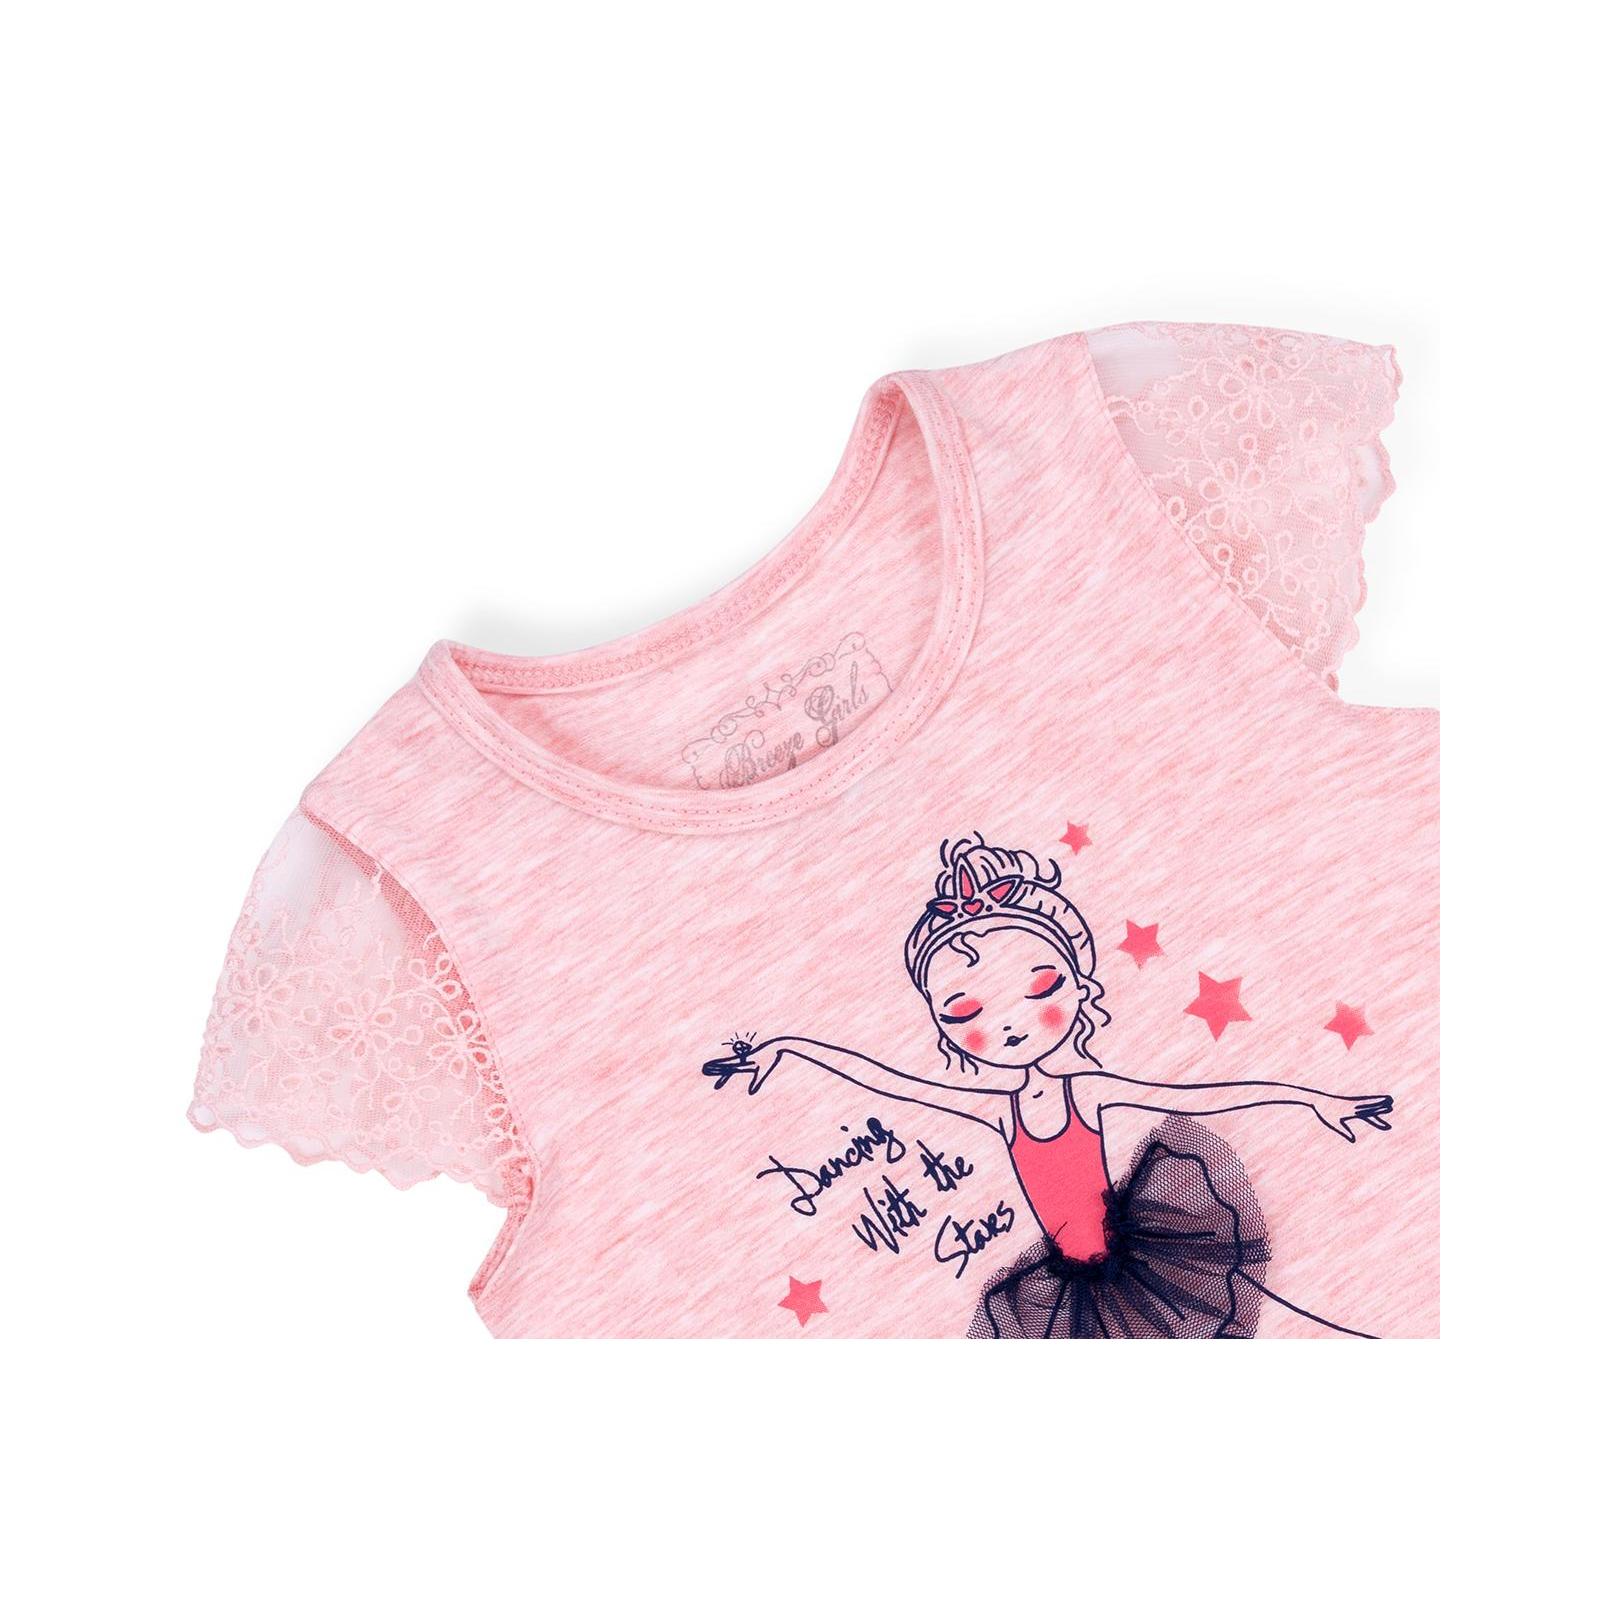 Платье с балеринкой Breeze (10735-104G-peach) изображение 3